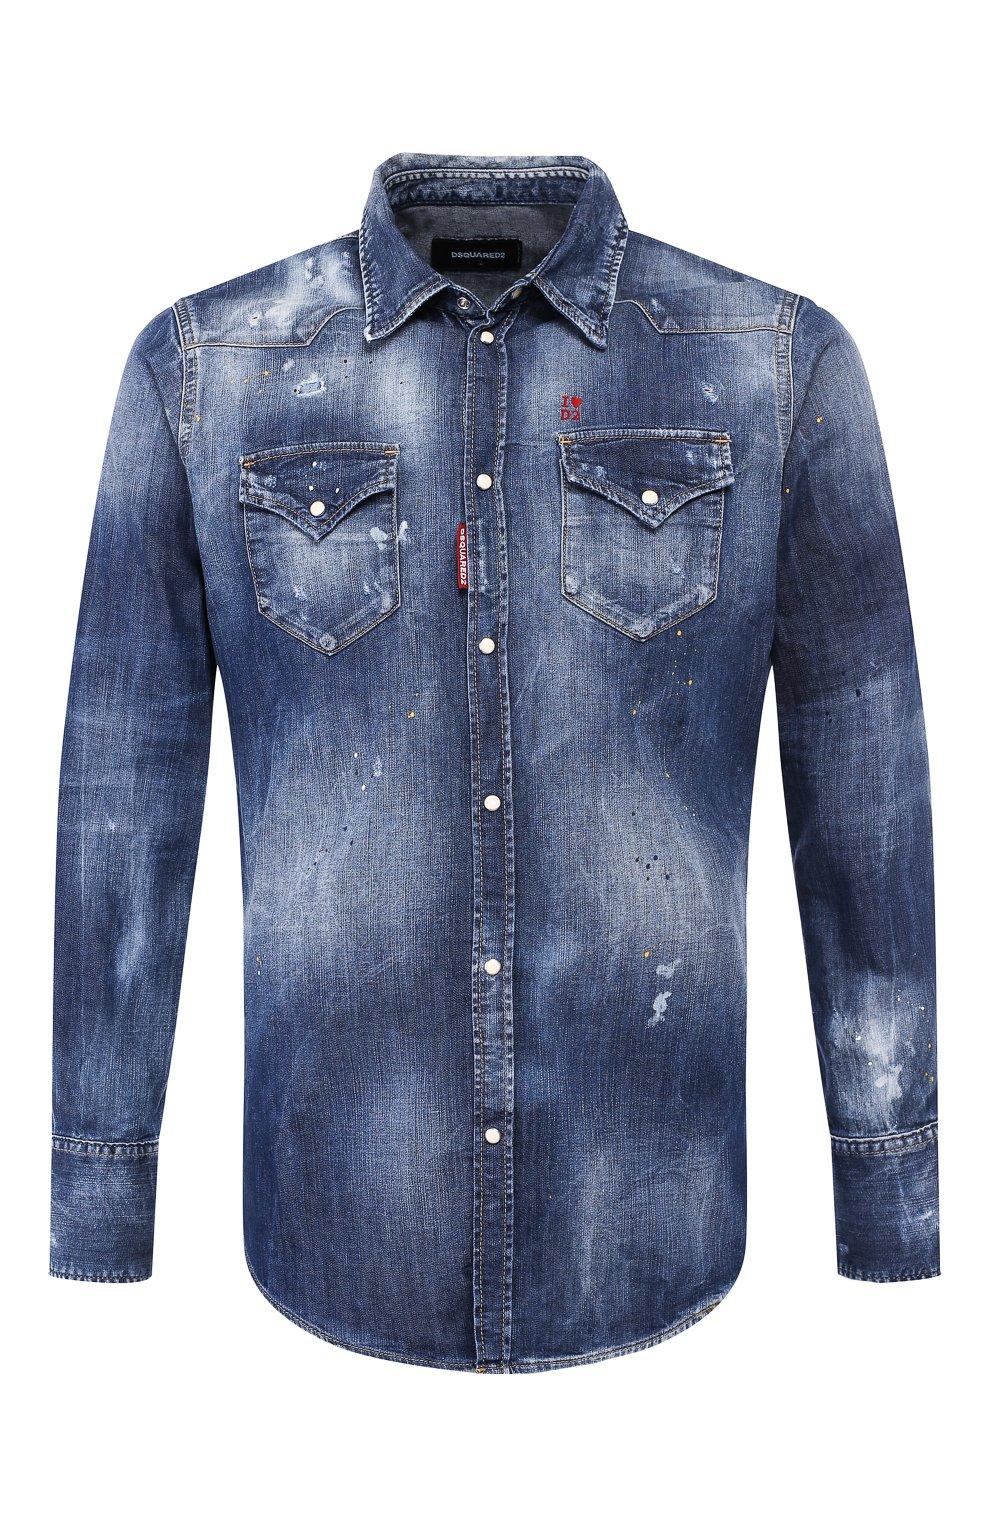 Мужская джинсовая рубашка DSQUARED2 синего цвета, арт. S74DM0392/S30341 | Фото 1 (Воротник: Кент; Рукава: Длинные; Манжеты: На кнопках; Кросс-КТ: Деним; Случай: Повседневный; Длина (для топов): Стандартные; Принт: С принтом; Материал внешний: Хлопок, Деним; Мужское Кросс-КТ: Рубашка-одежда; Статус проверки: Проверена категория)